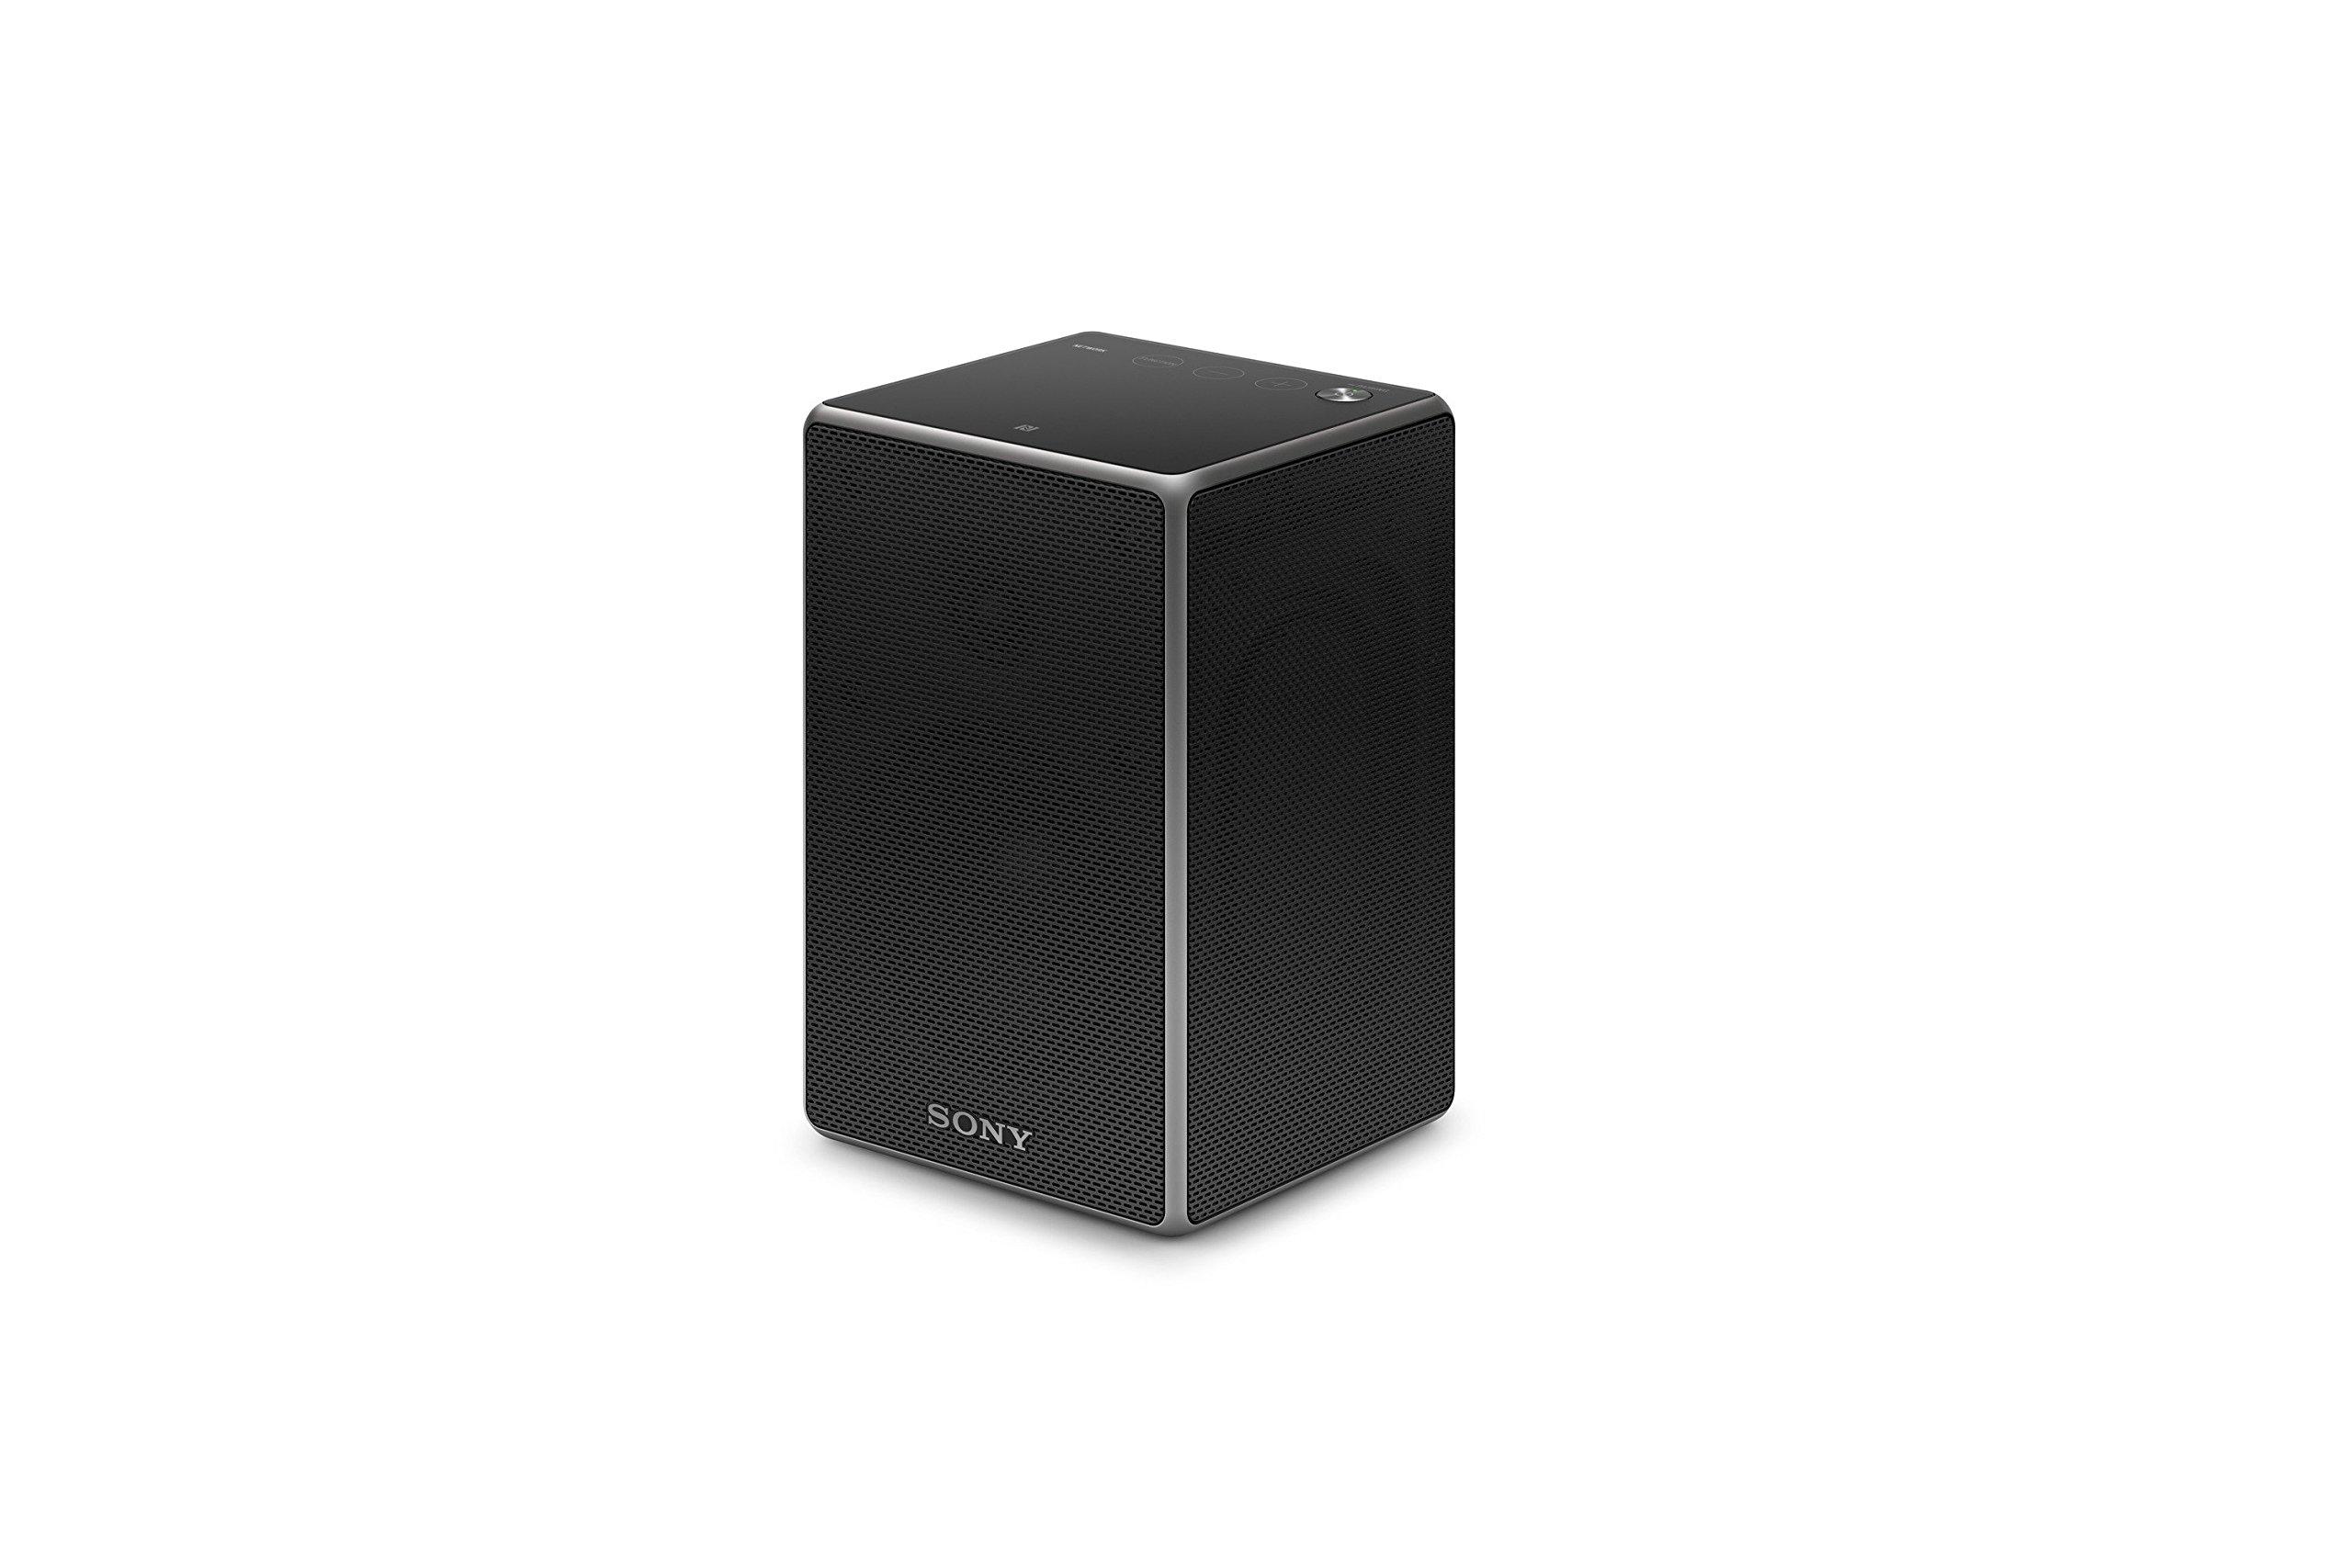 Sony SRSZR5 Wireless Speaker with Bluetooth/Wi-Fi by Sony